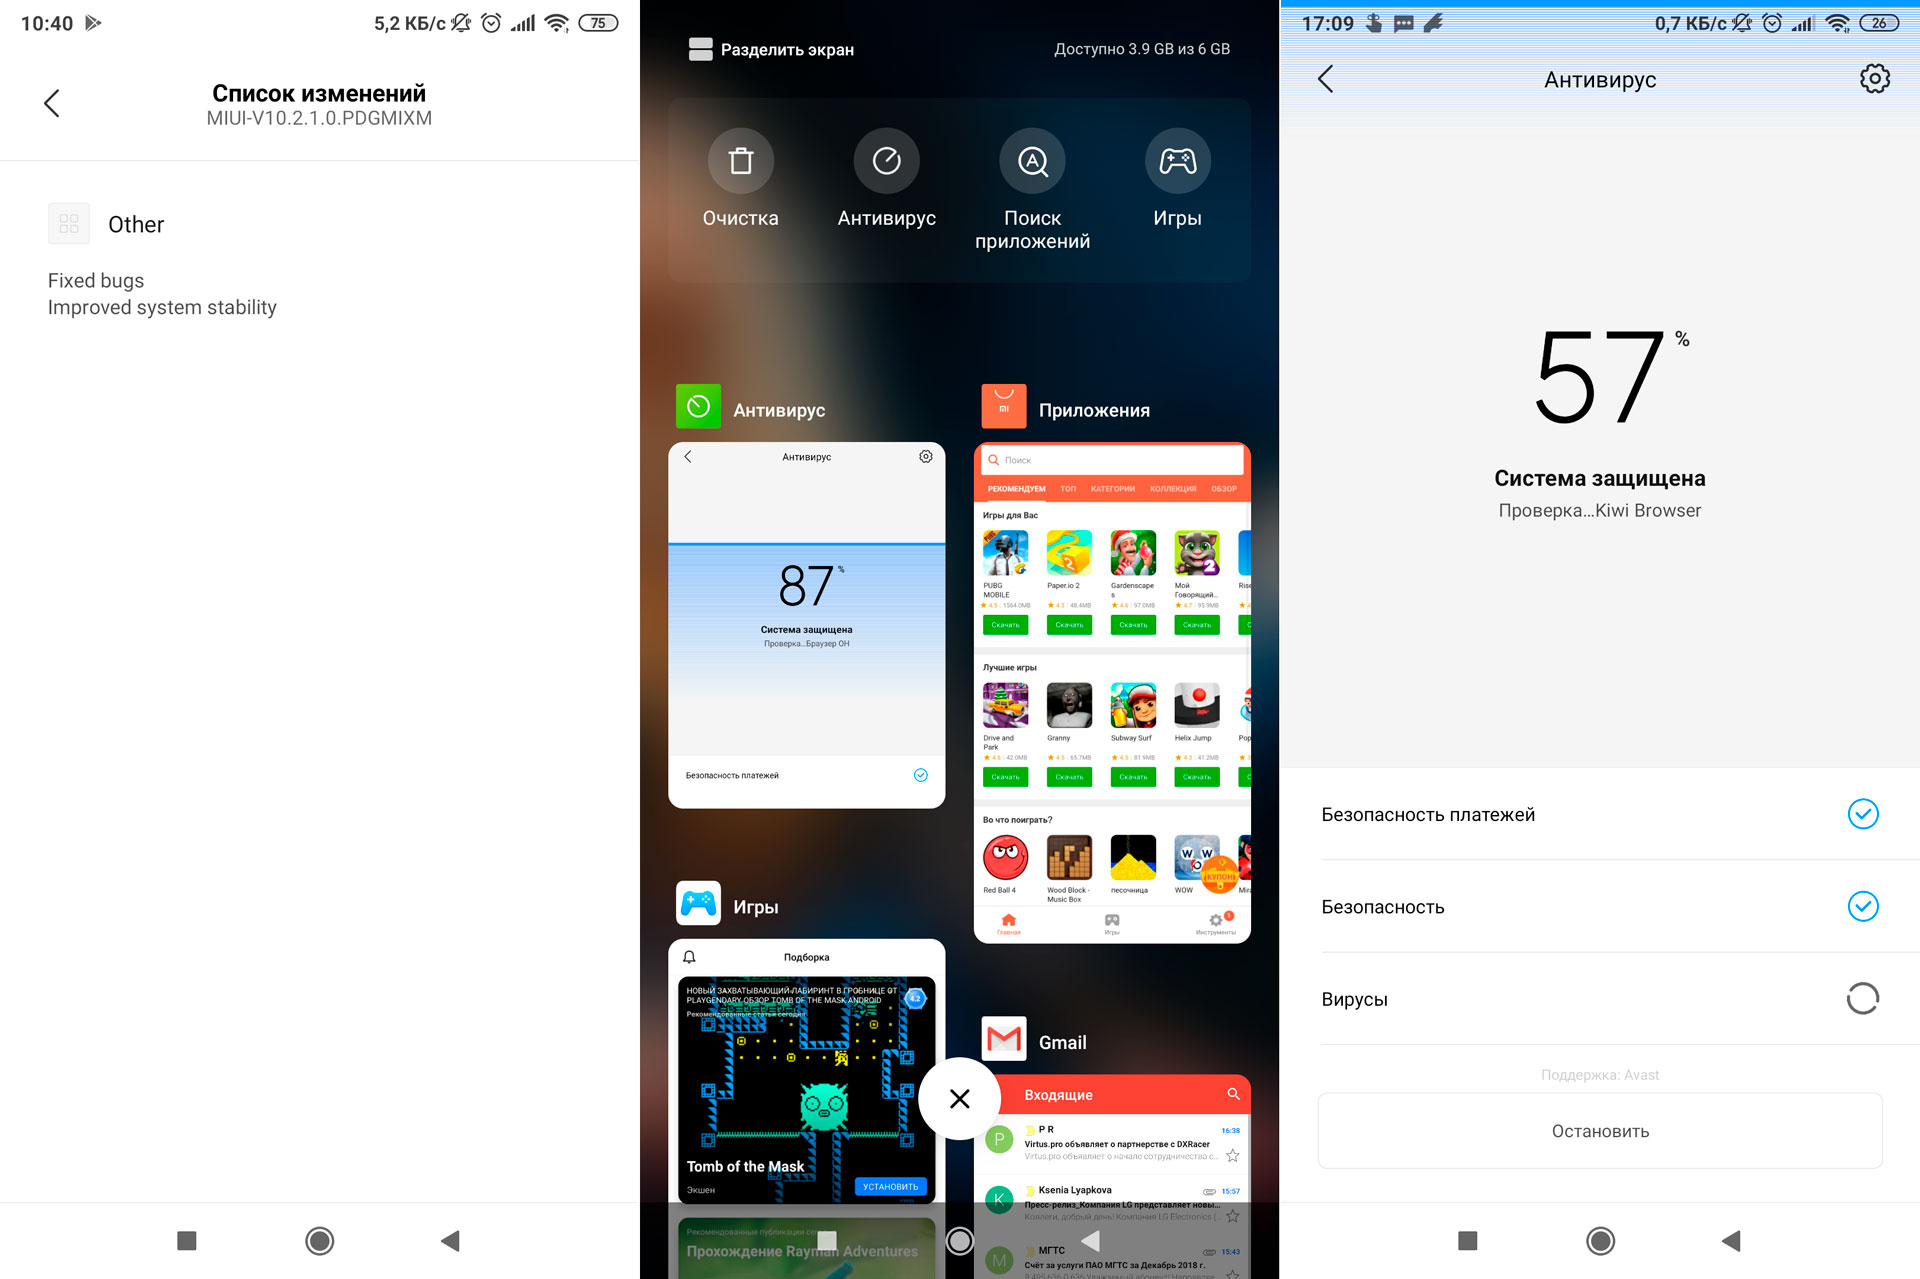 Представители компании Xiaomi презентовали первое обновление программного обеспечения для своих смарт-часов Mi Watch Главным нововведением стала поддержка iOS-гаджетов